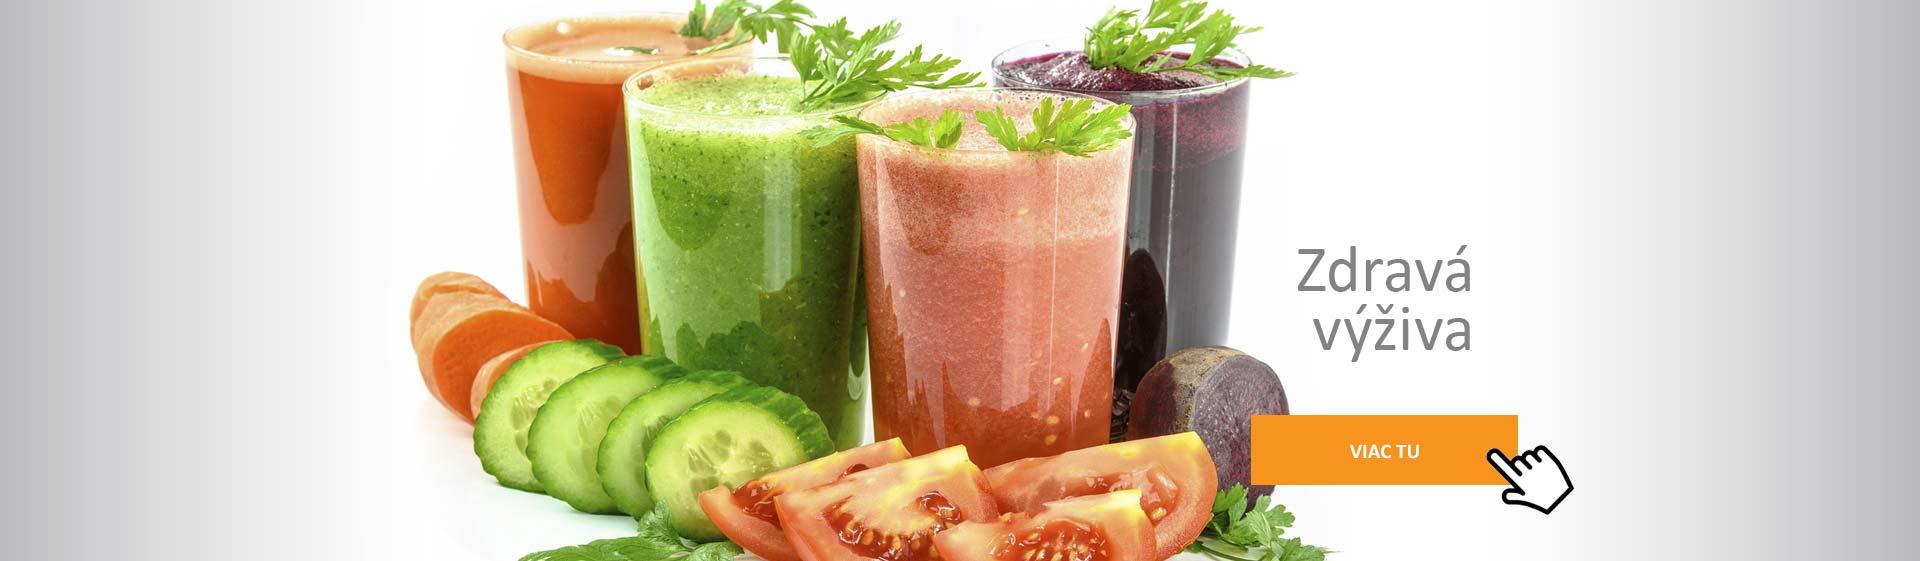 SK Zdravá výživa